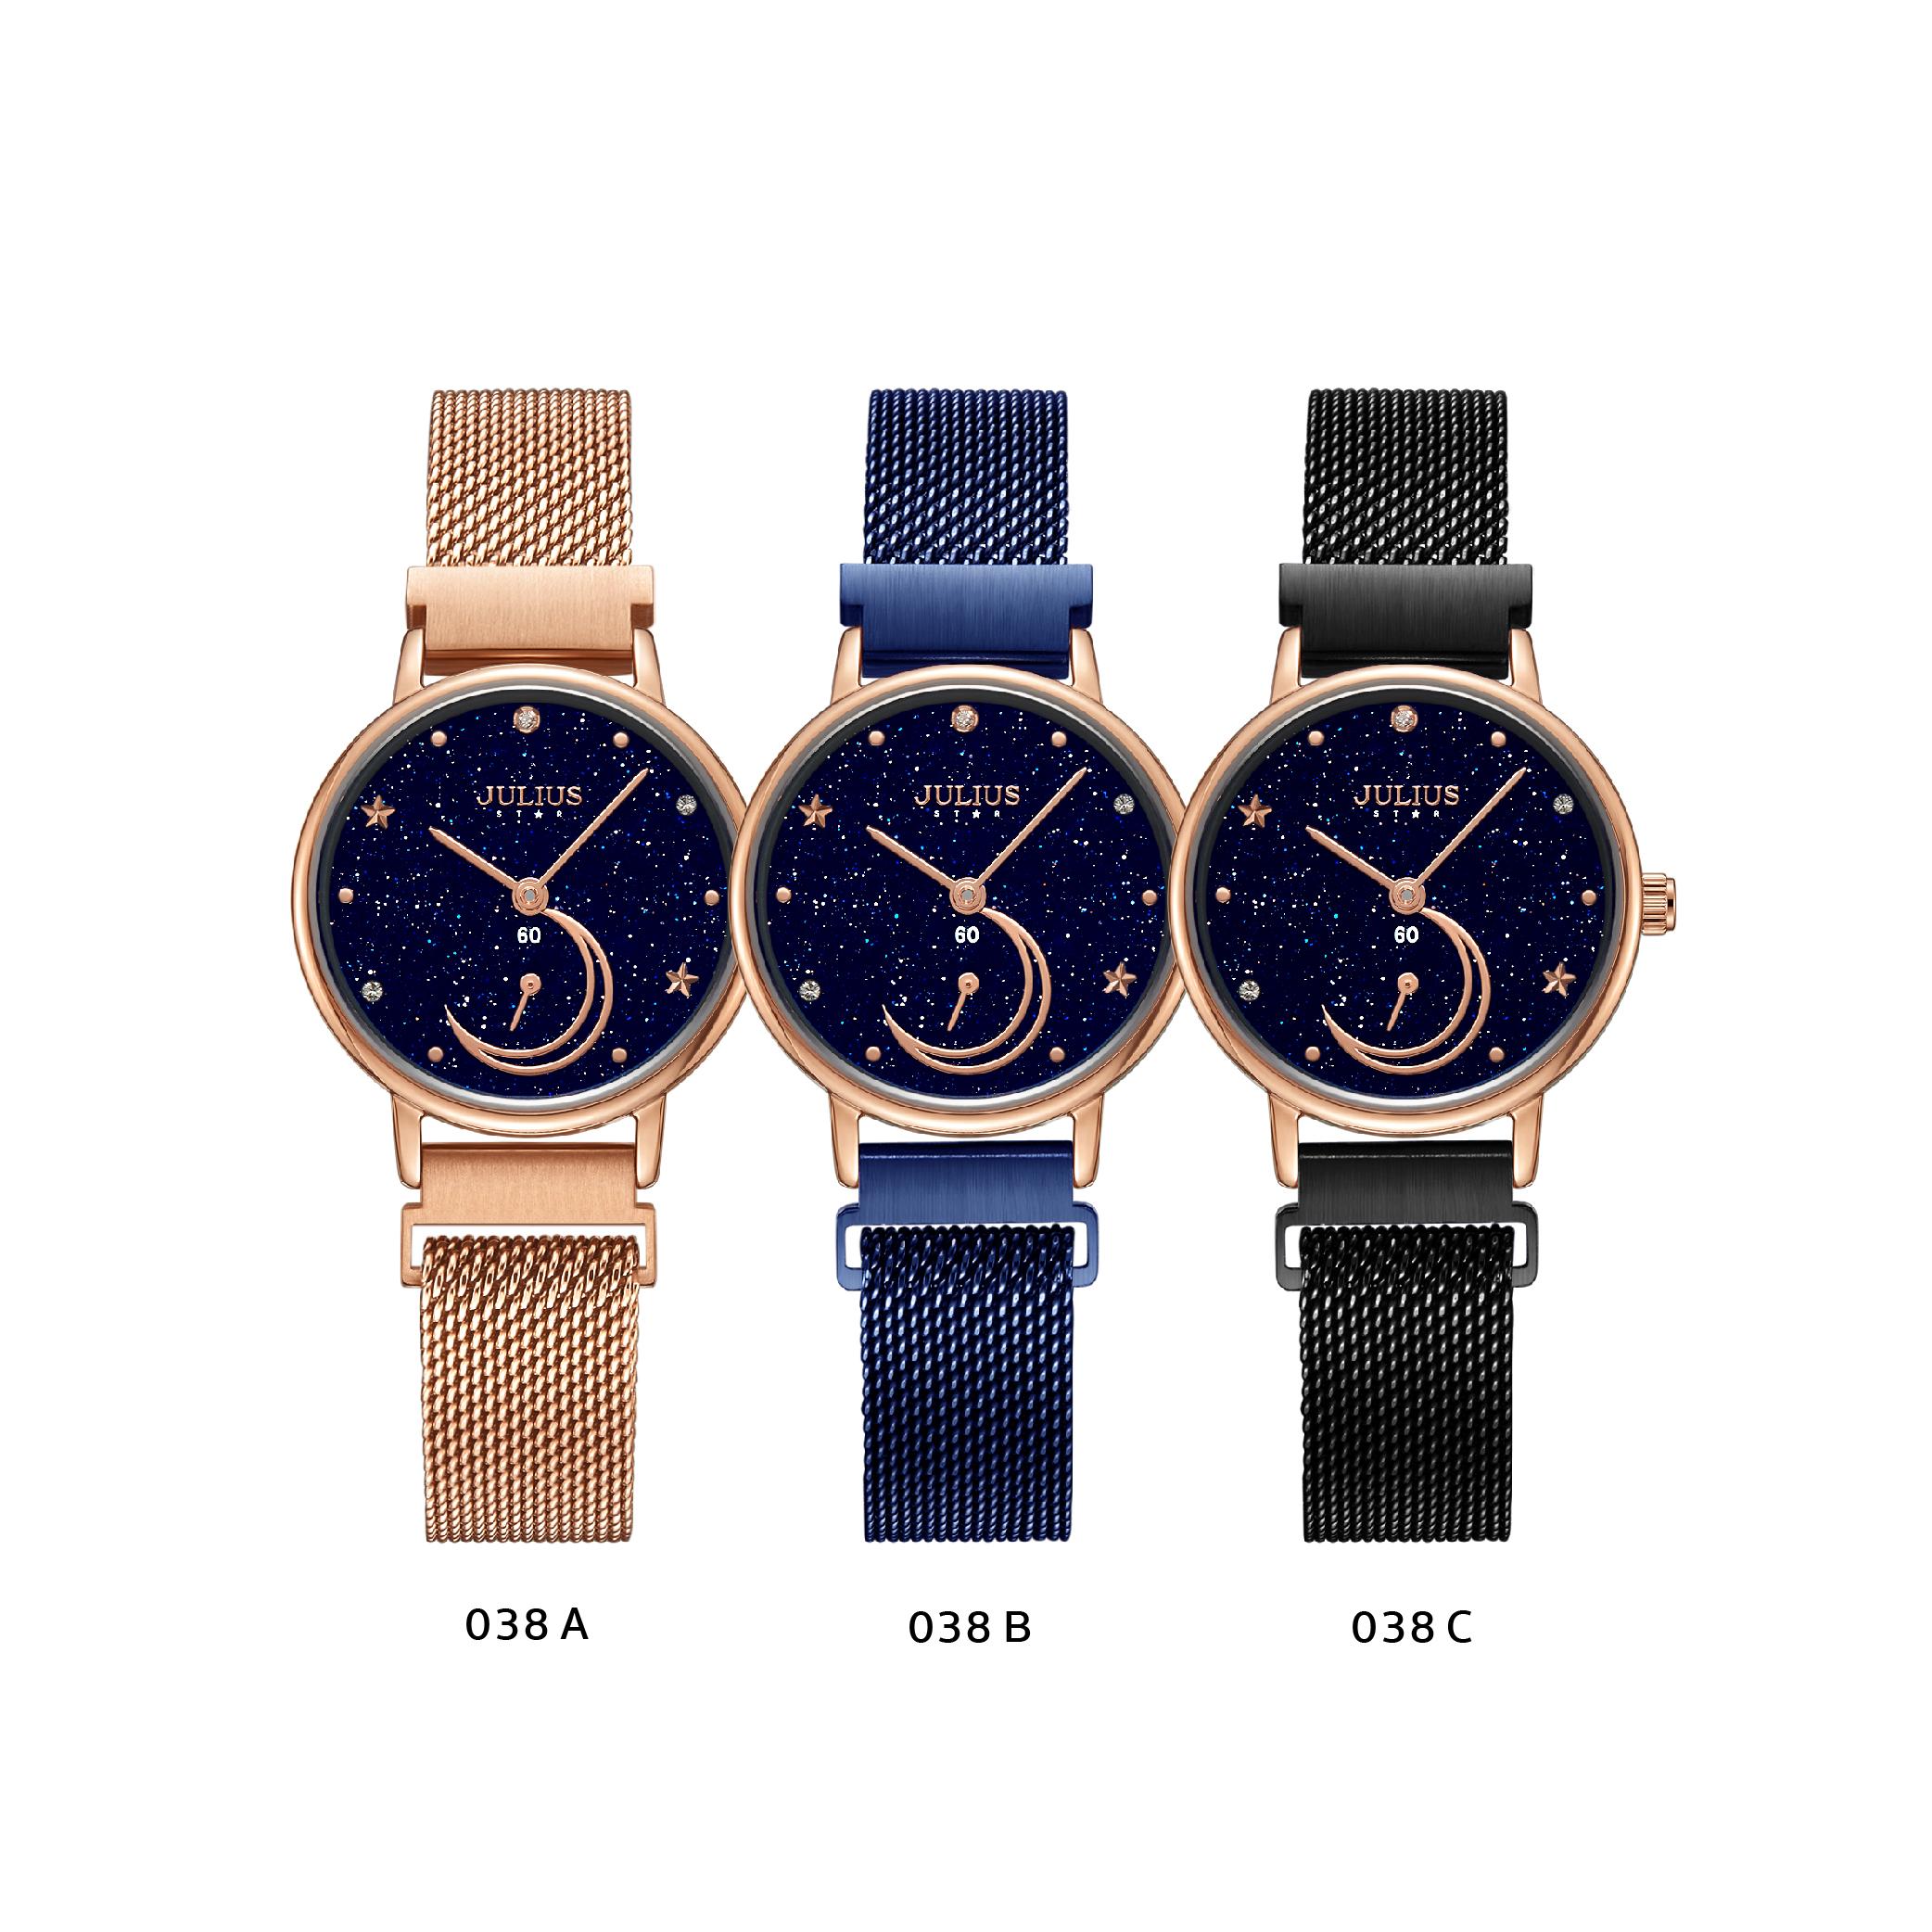 นาฬิกาข้อมือผู้หญิง JULIUS STAR JS-038 C